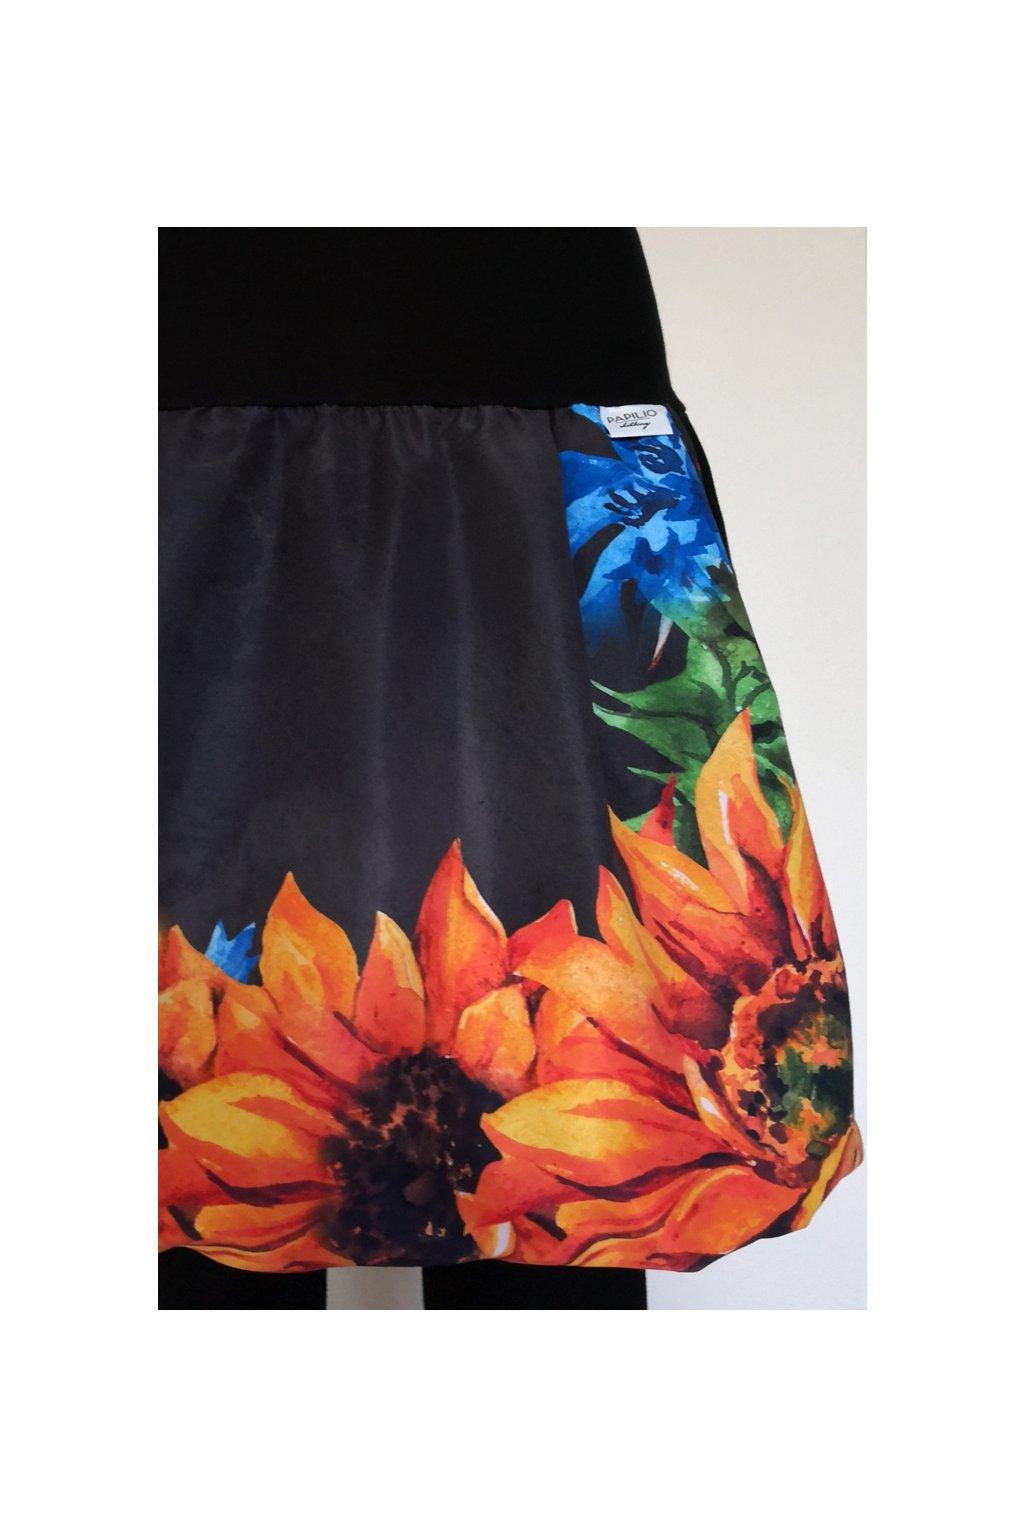 Balonová sukně Jako slunečnice... | micropeach